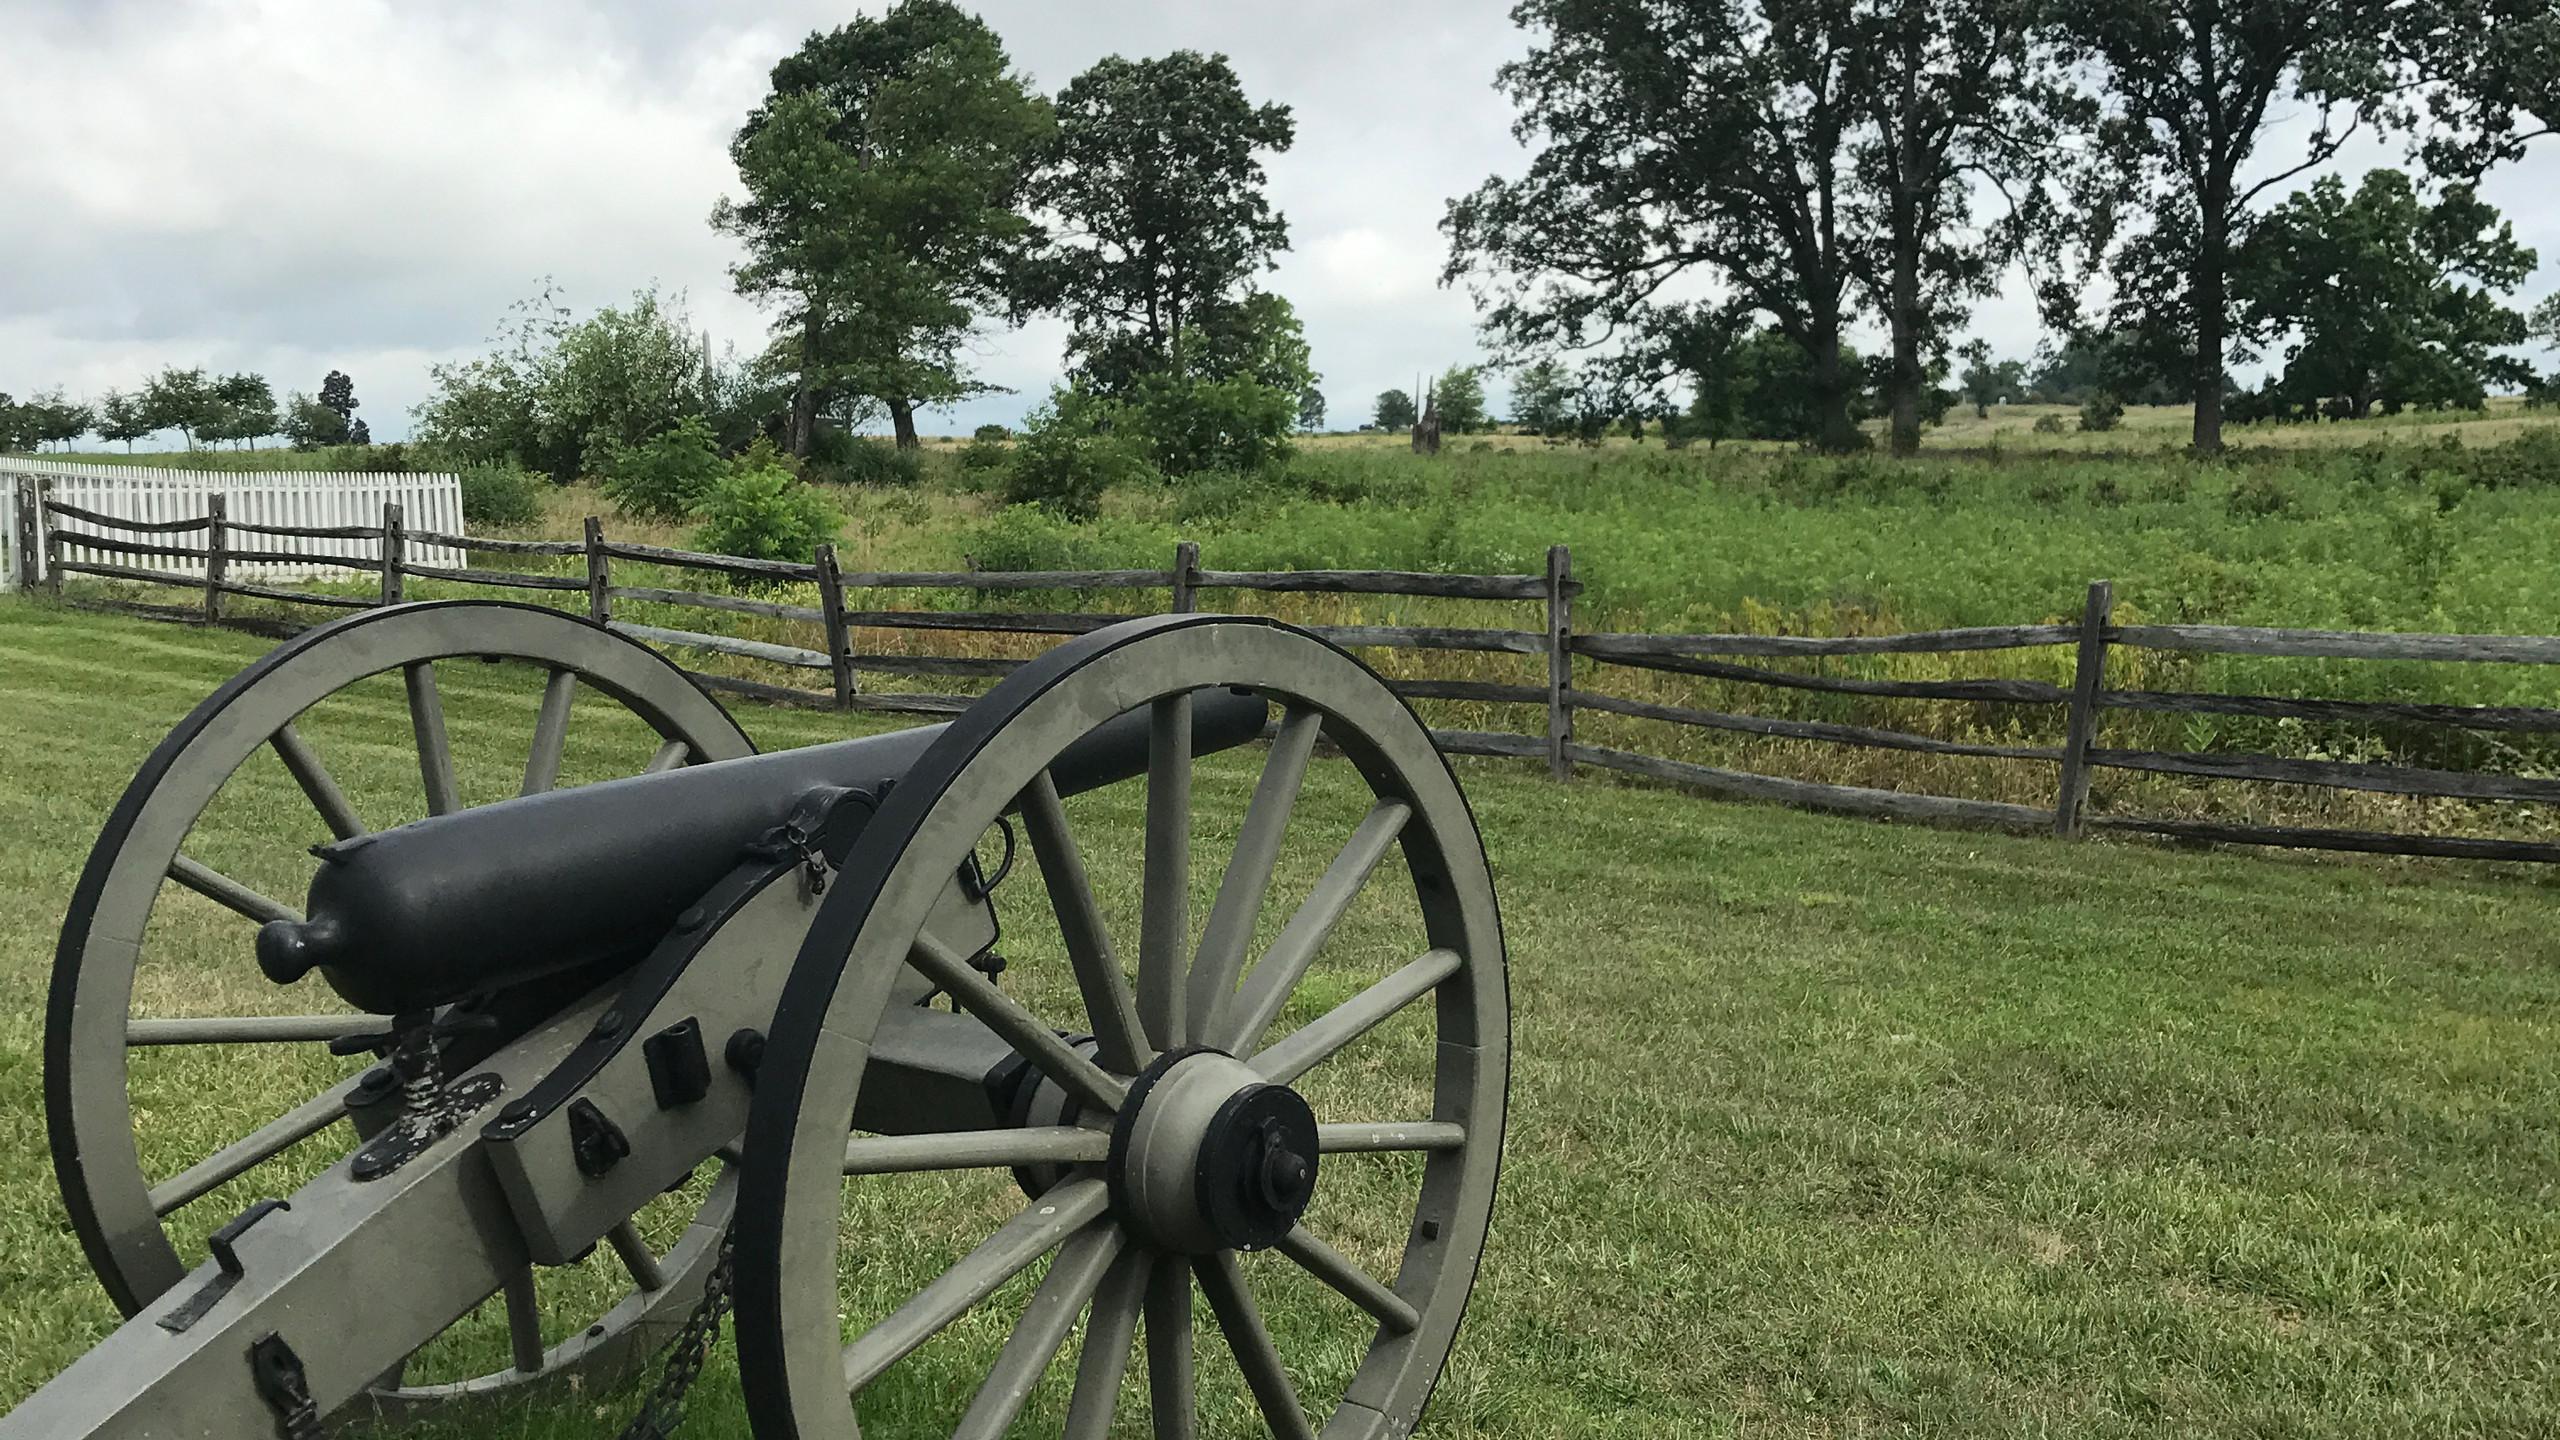 Battlefield near Hummelbaugh House